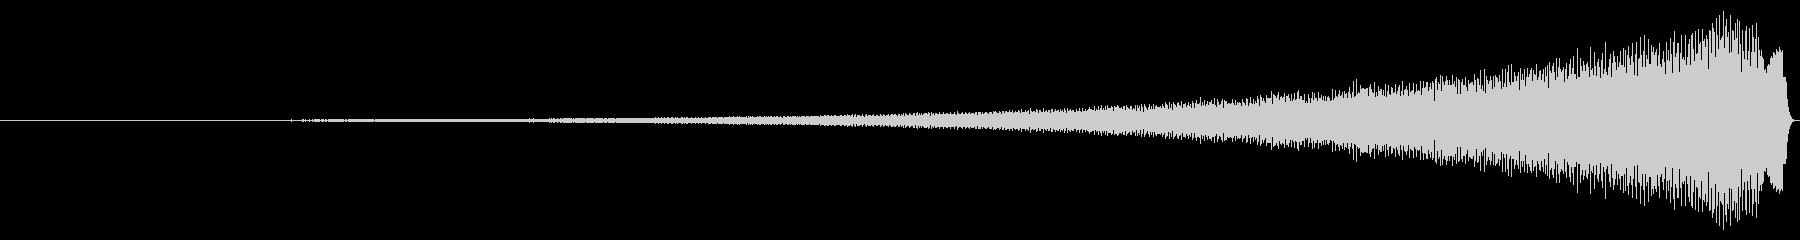 シャープクレッシェンドチャイムの未再生の波形